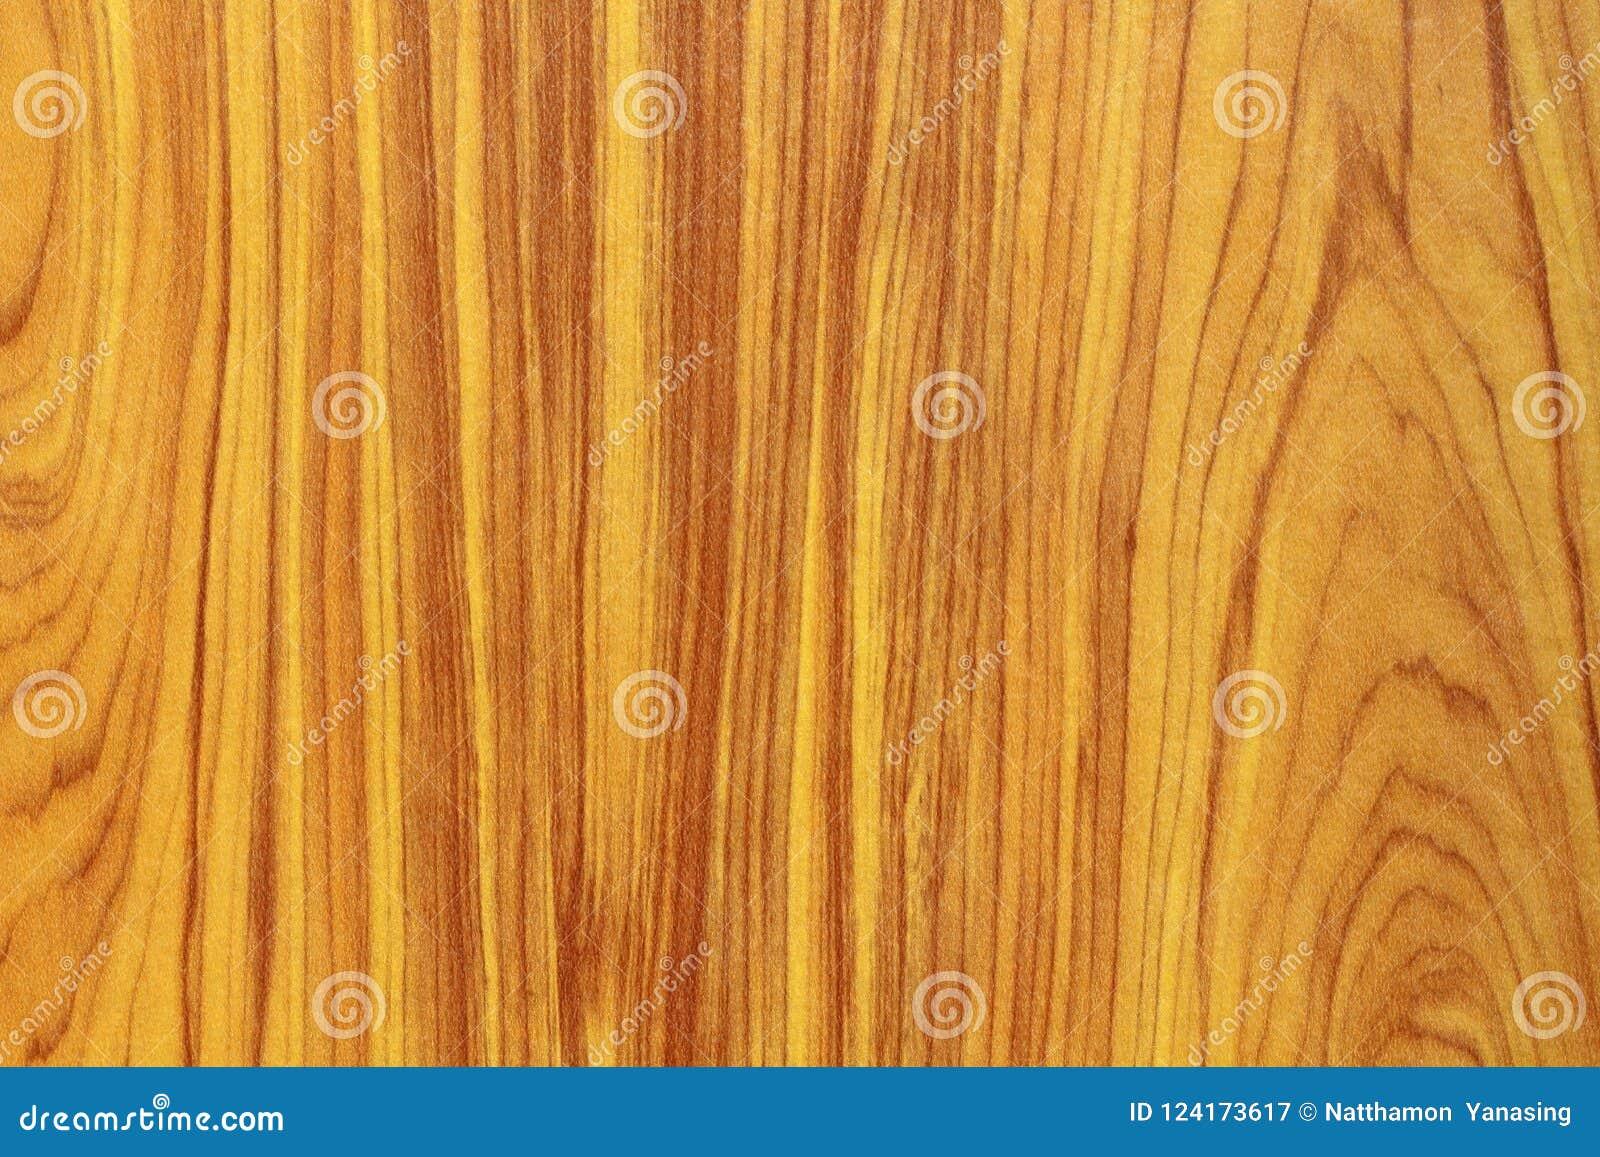 Kryssfaneryttersida i naturlig modell med hög upplösning Trägrained texturbakgrund